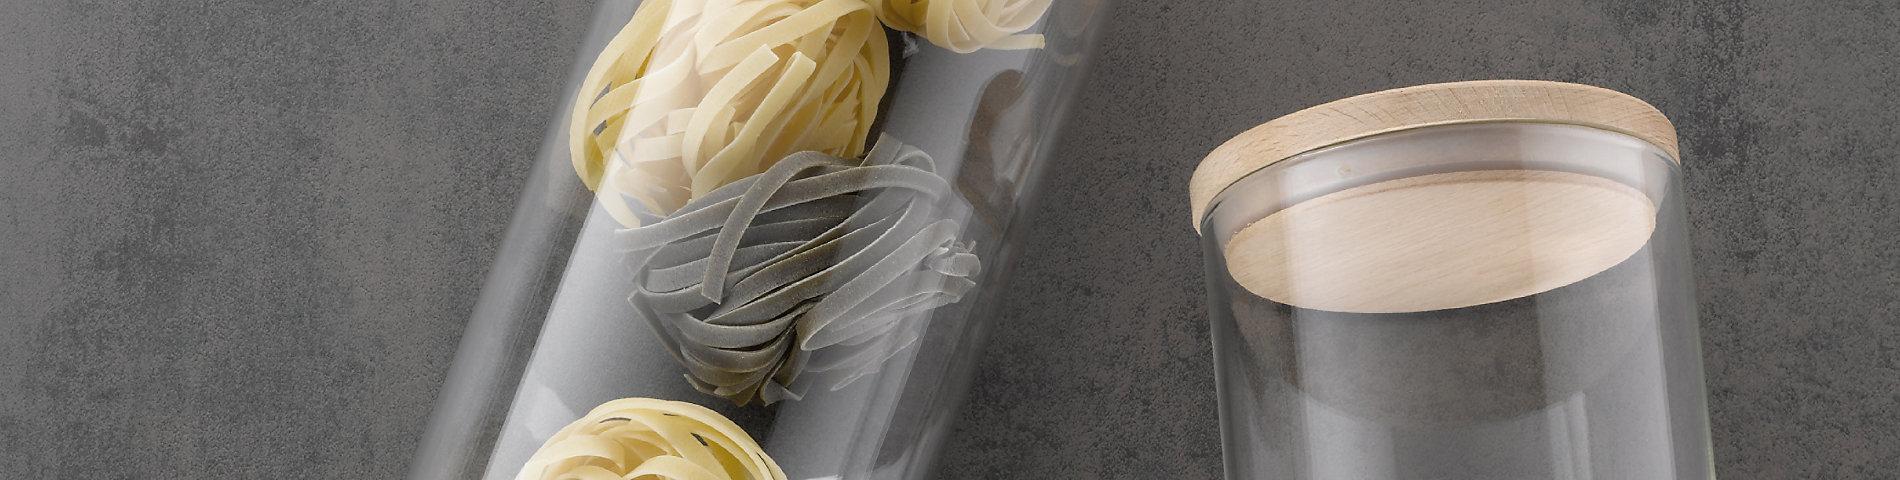 Aufbewahren und Ordnung in der Küche mit Körben und Vorratsdosen